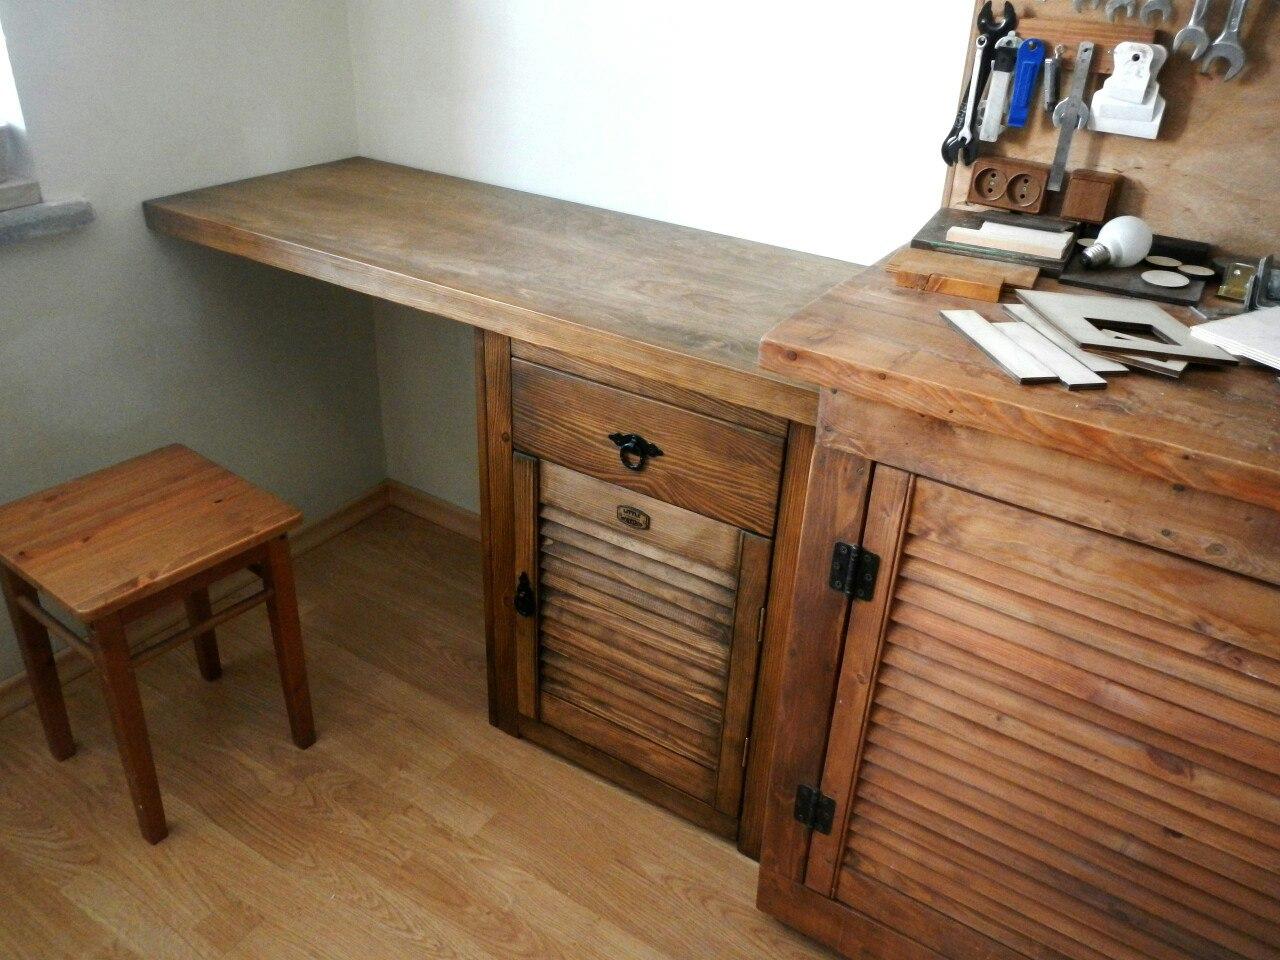 Рабочий стол от Дмитрия Дорофеева из Новосибирска